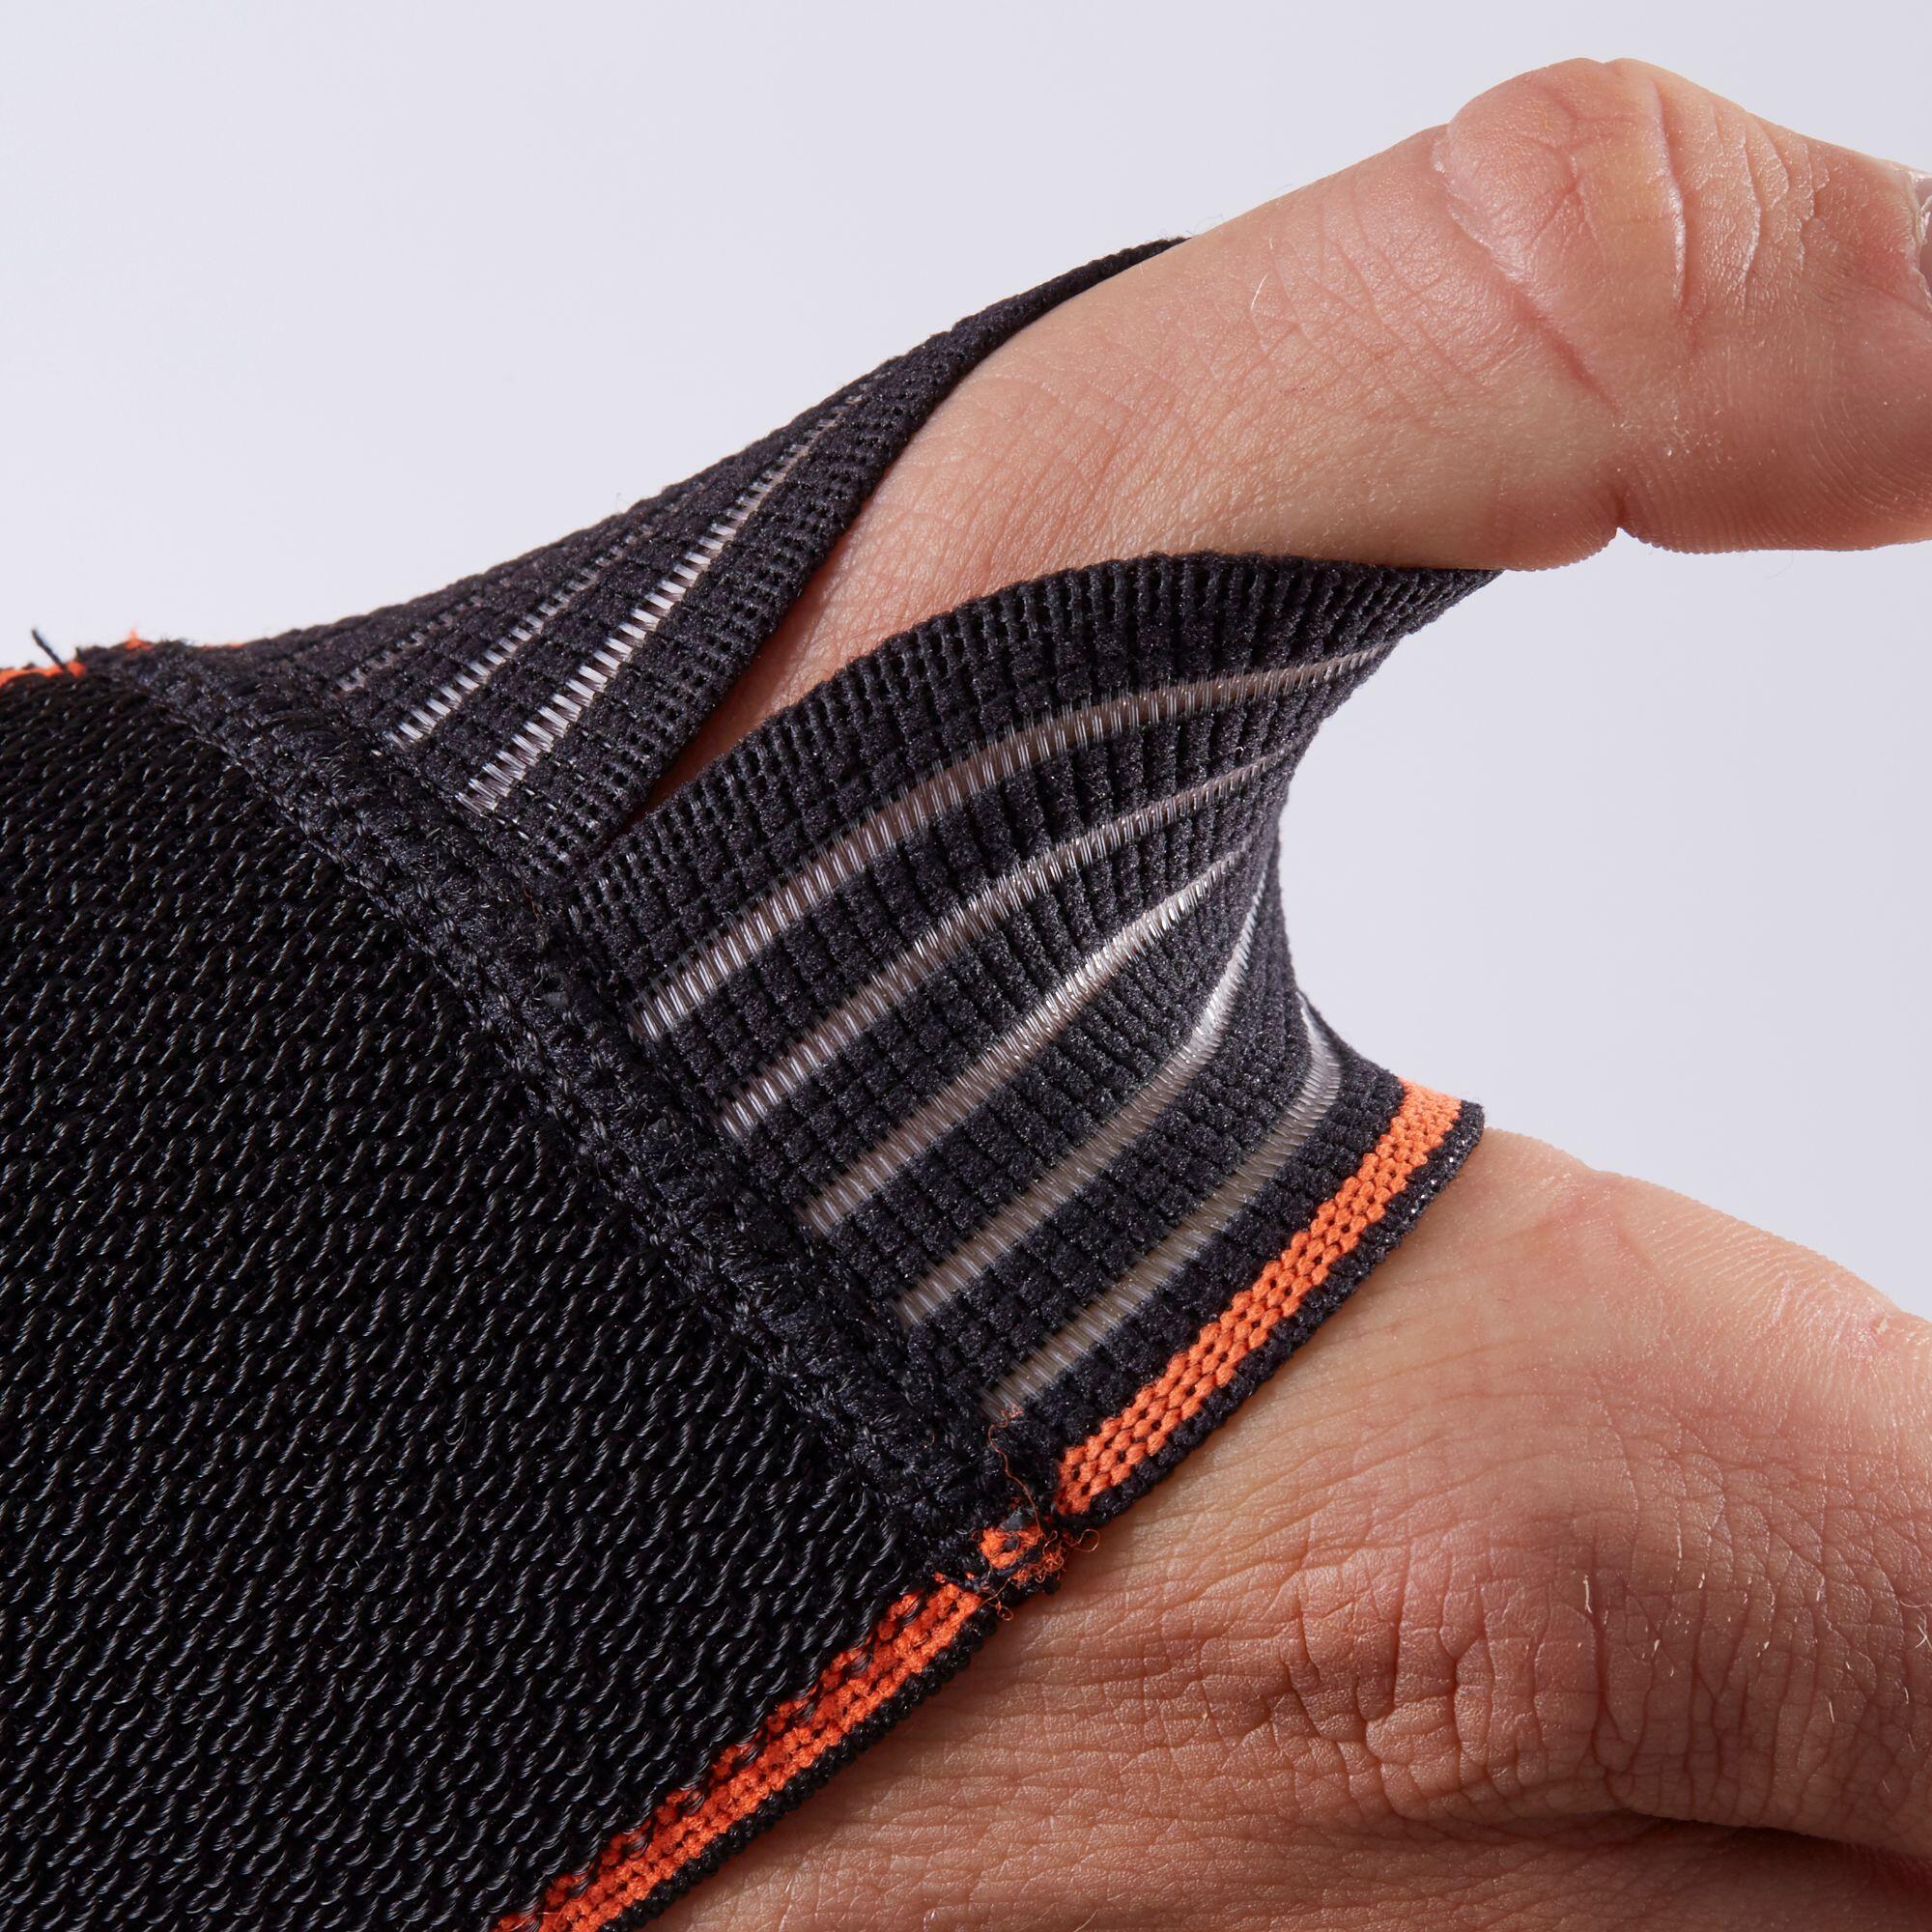 Soft 300 Men's/Women's Left/Right Wrist Support